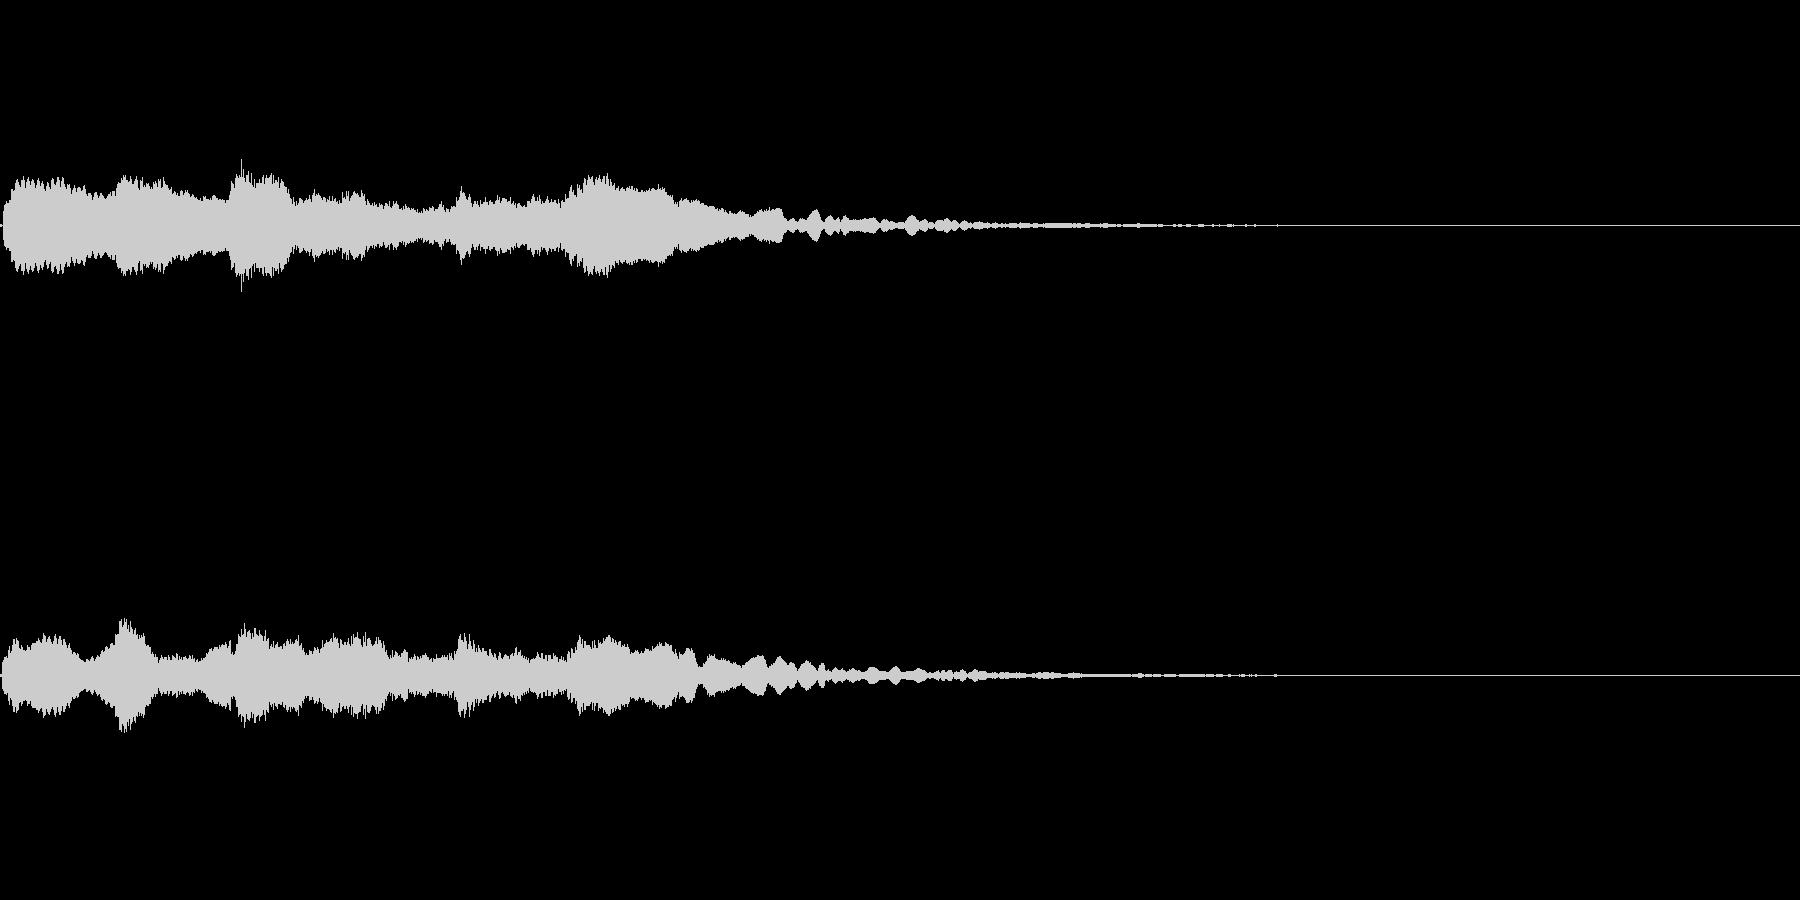 キラキラ 場面転換の未再生の波形